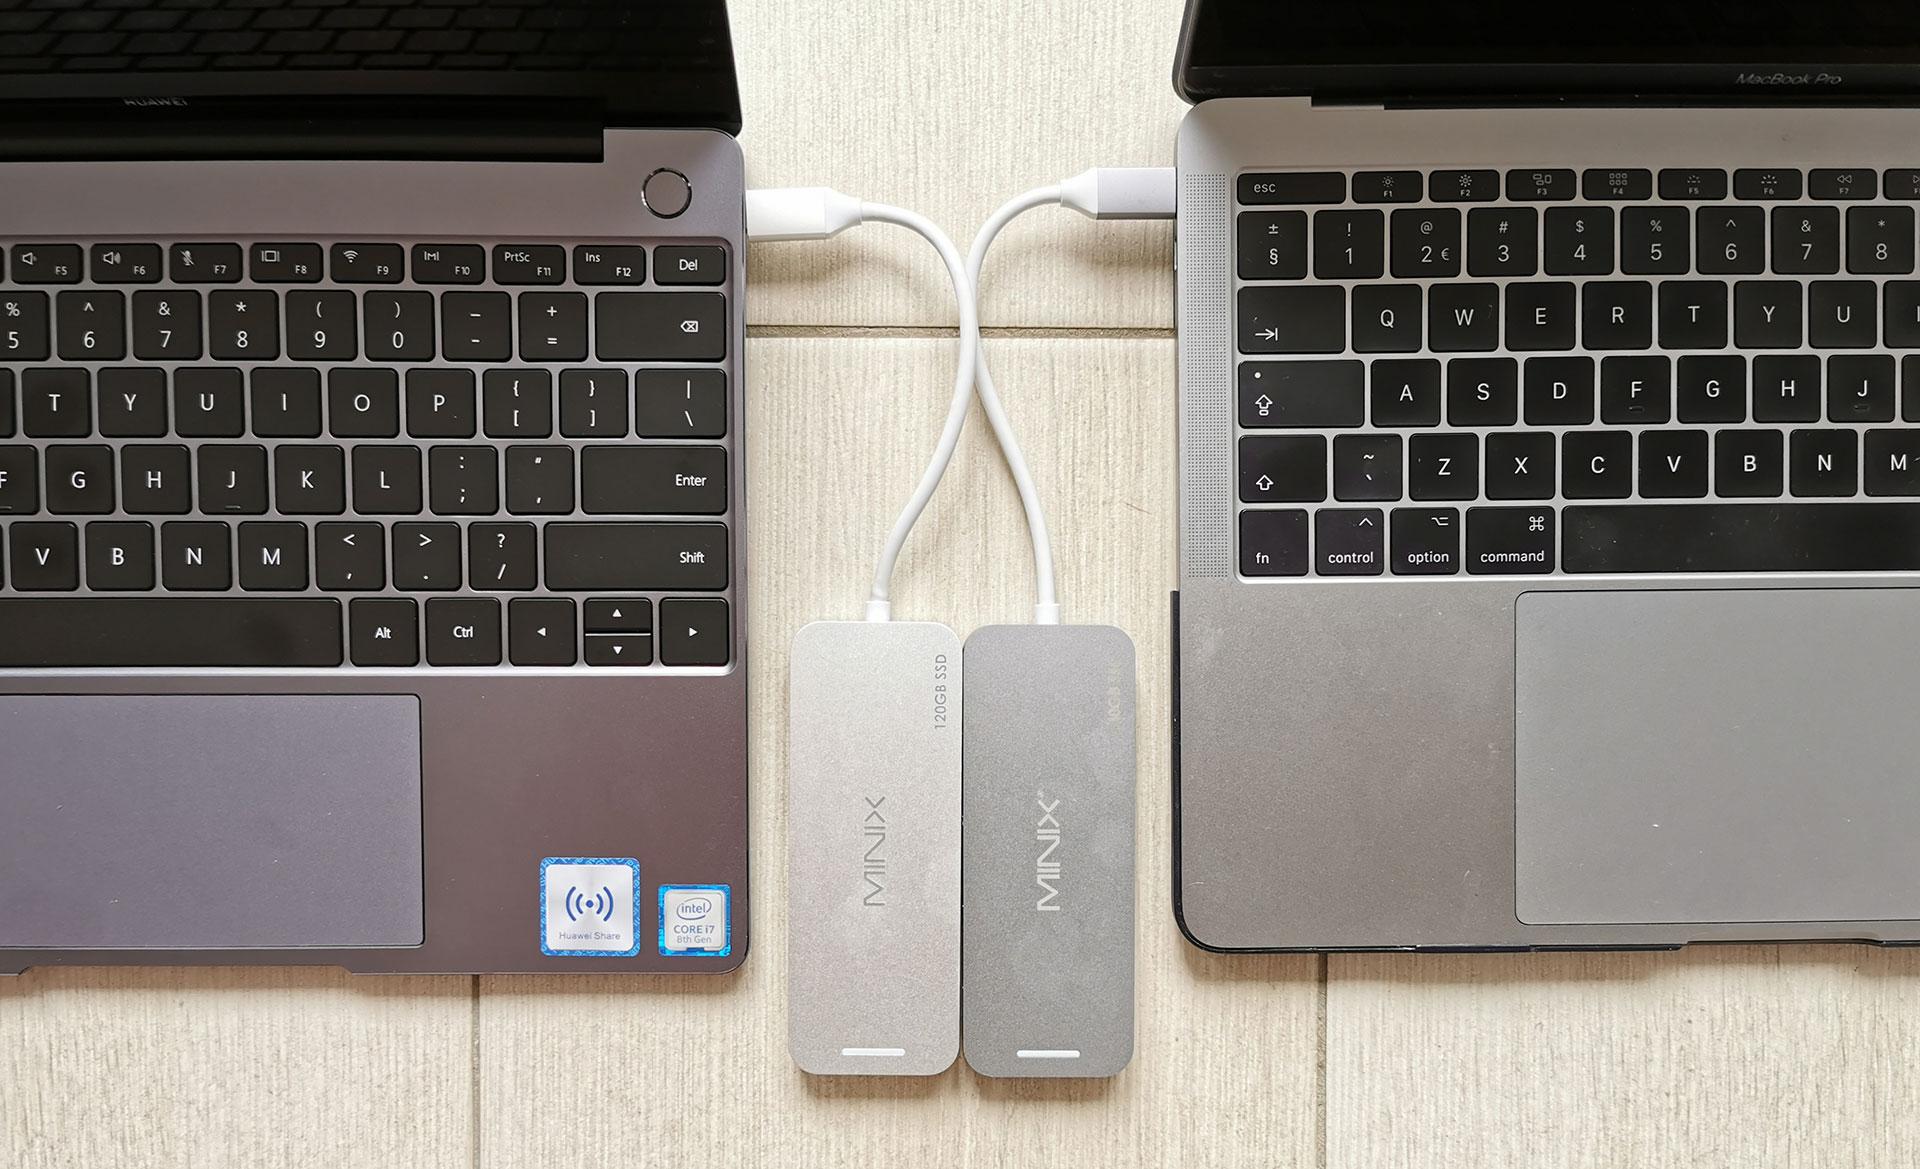 Minix USB-C Multiport Storage Hubs